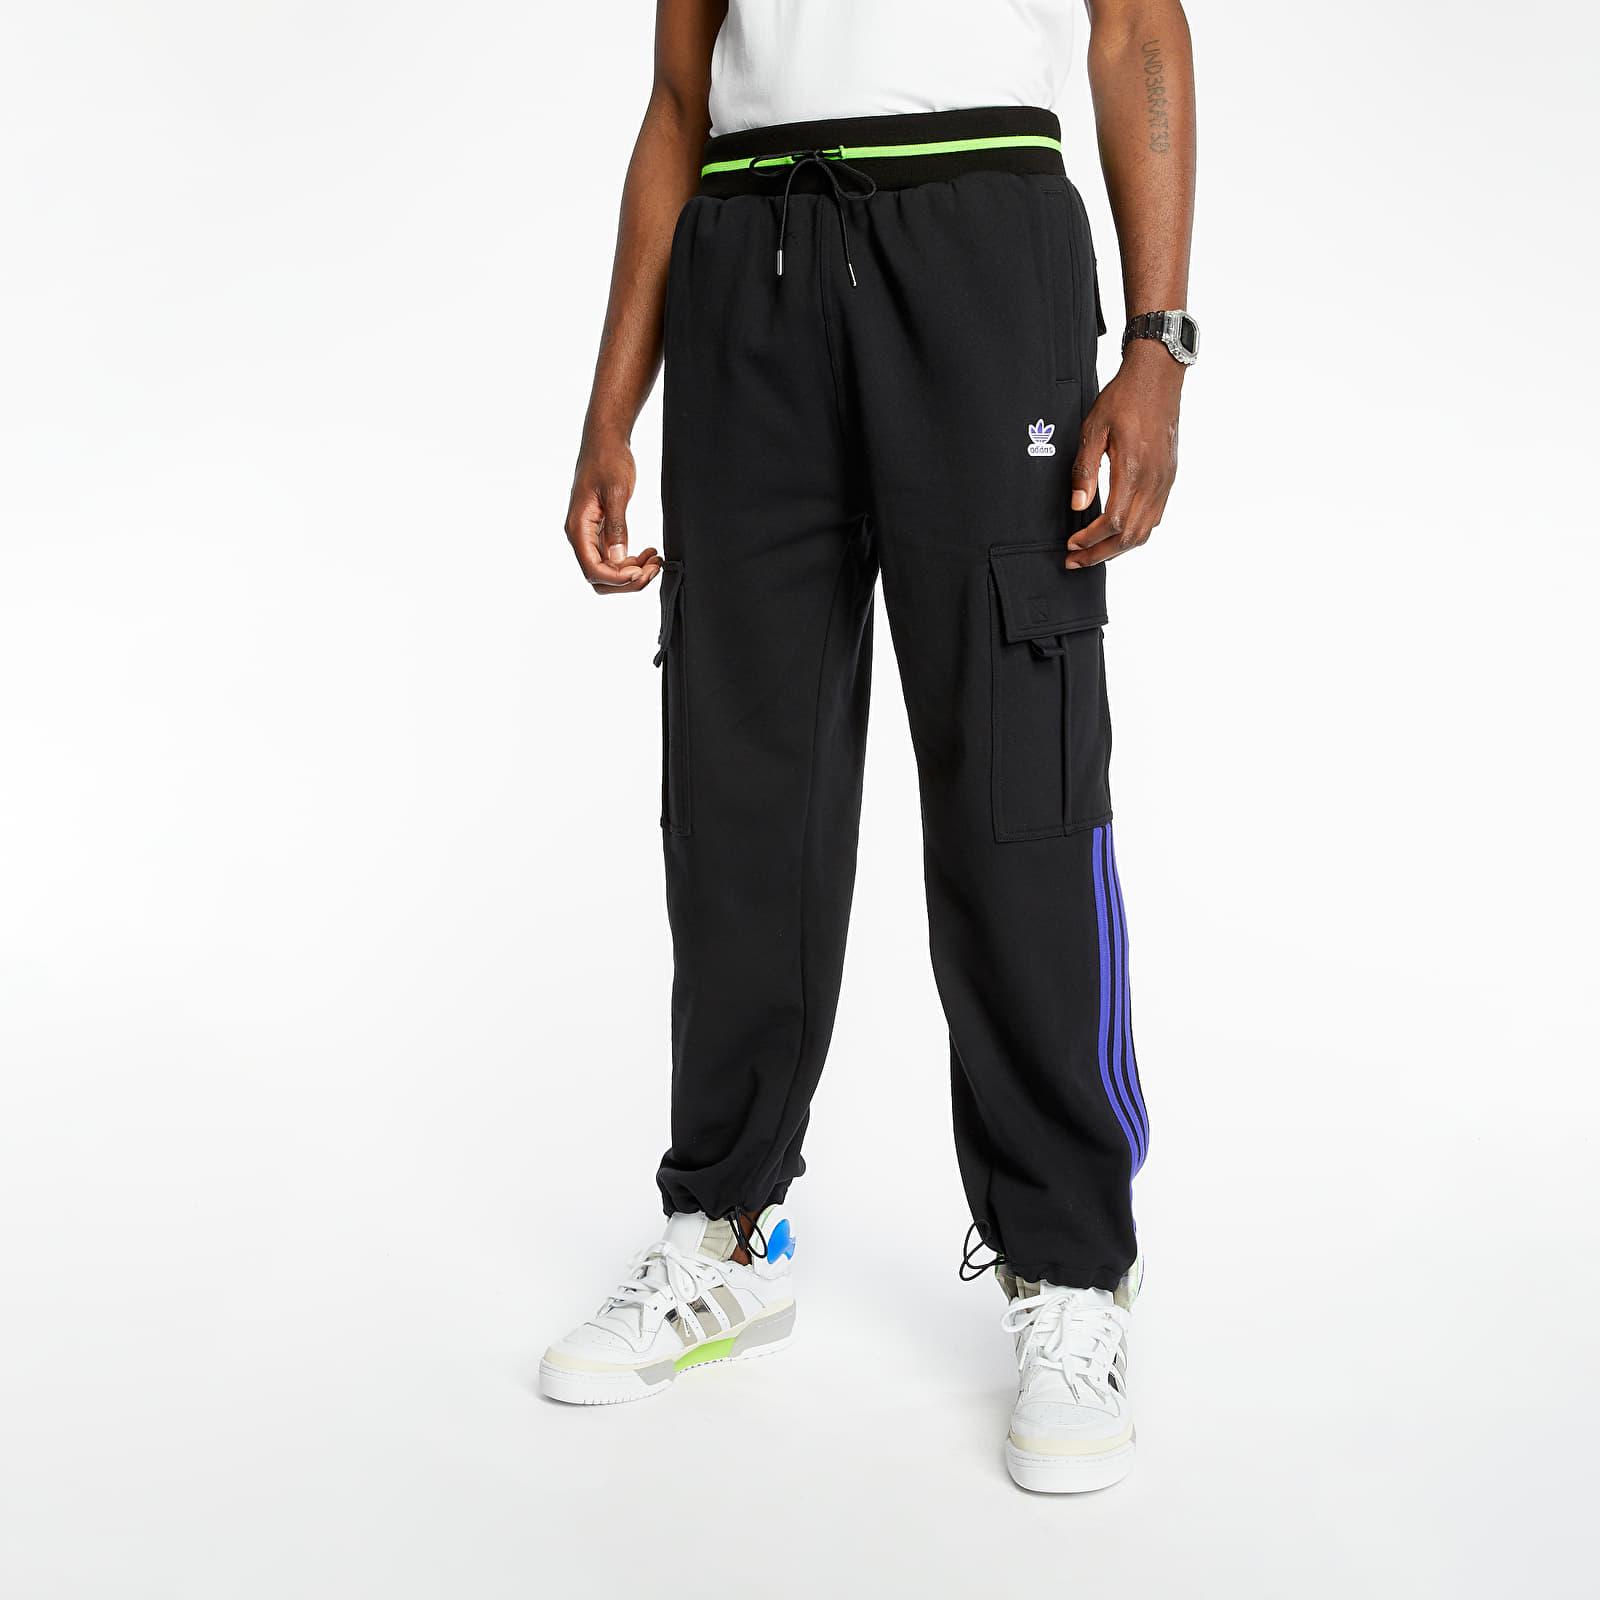 adidas x Sankuanz Sporty Pants